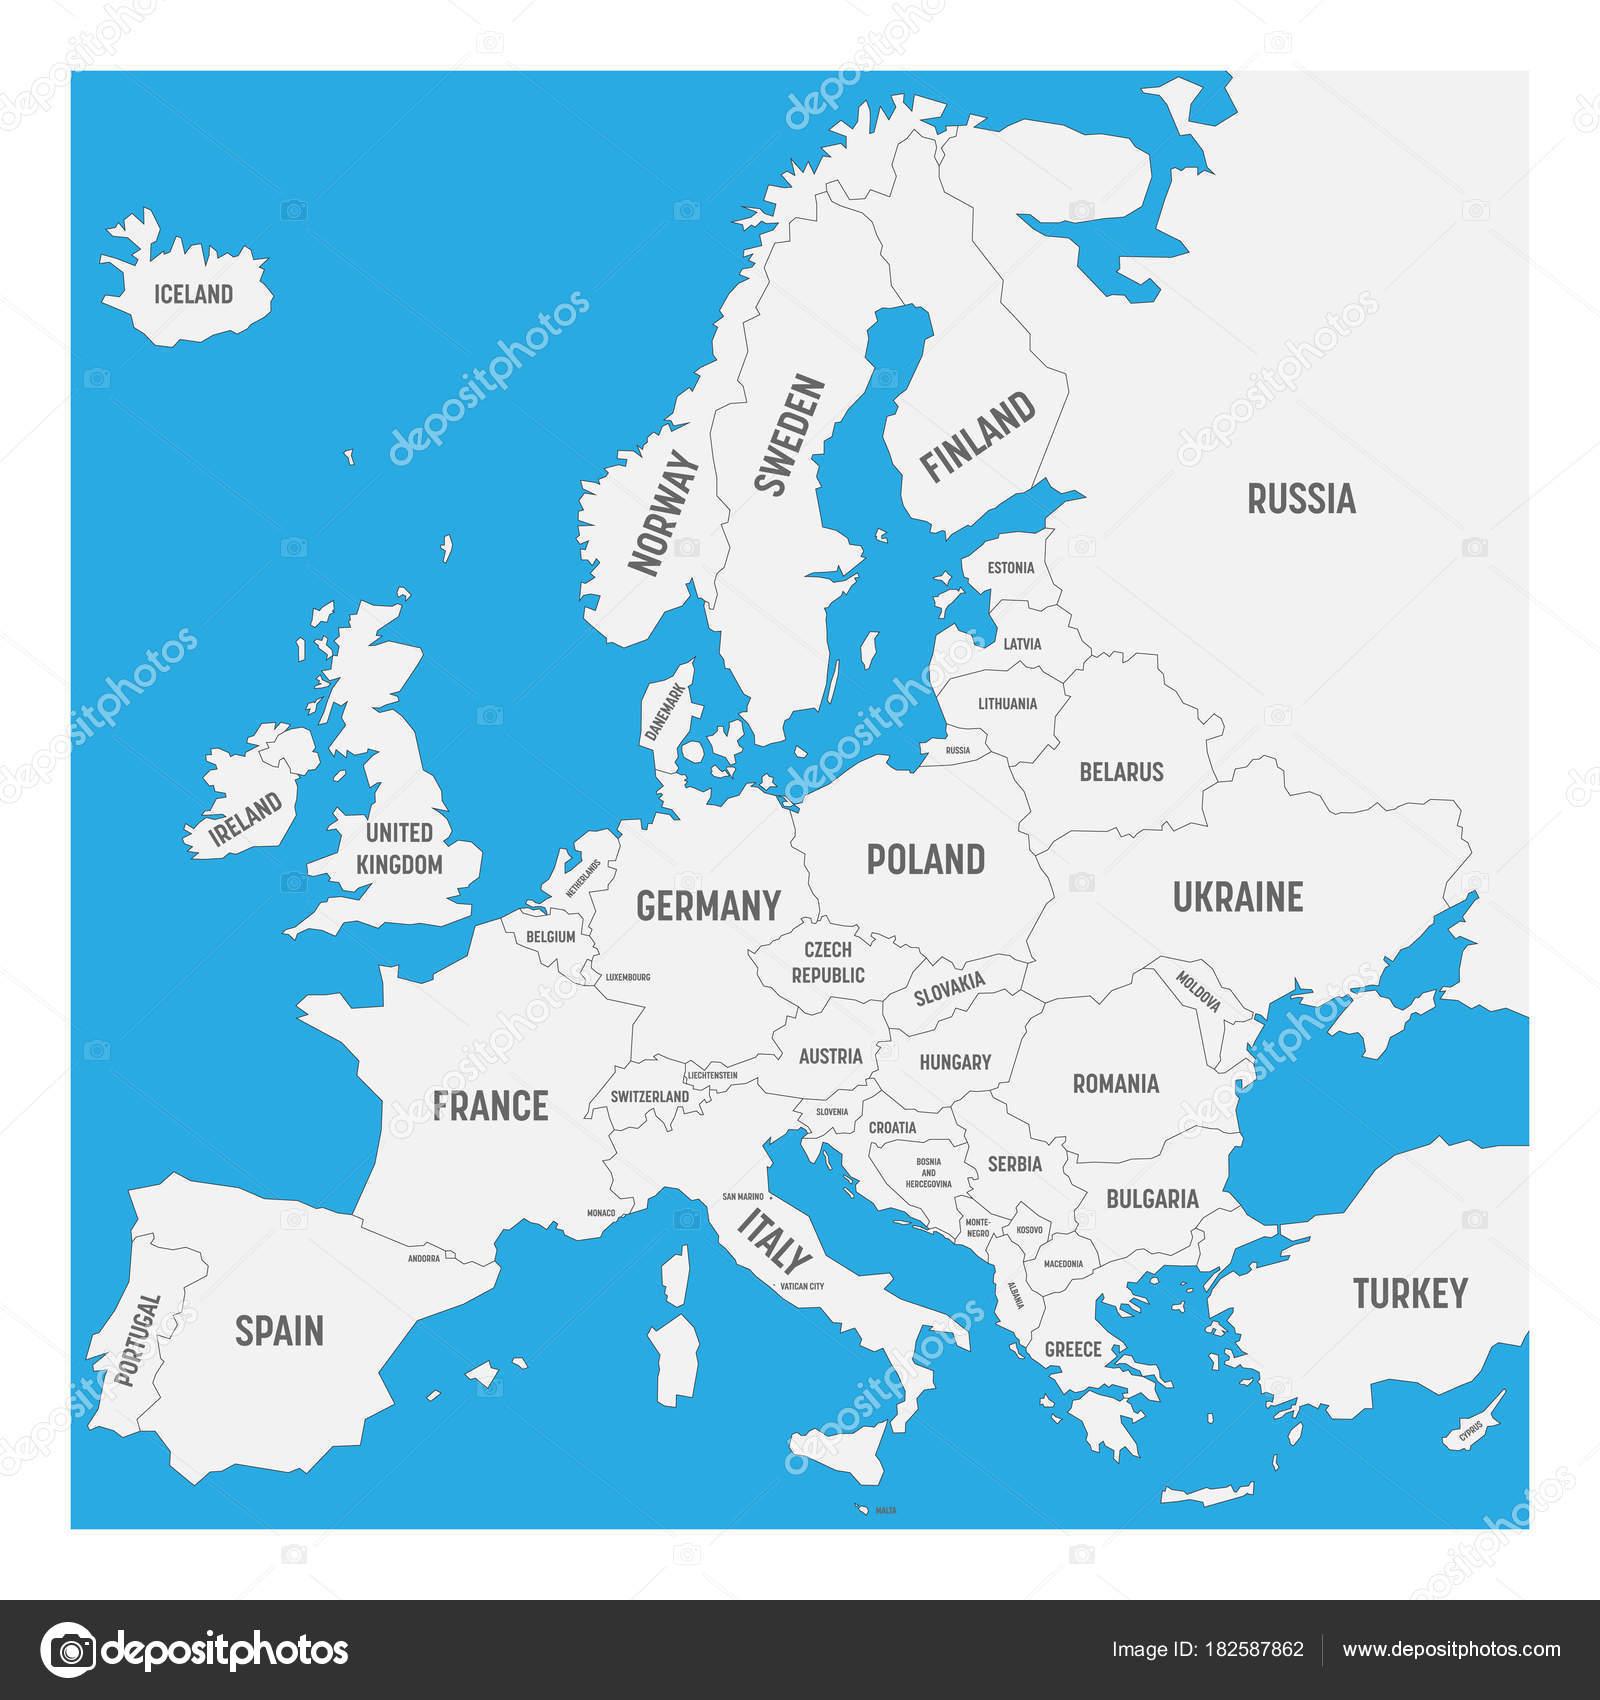 Mapa De Europa En Blanco Con Nombres.Imagenes Mapa Europa Paises Mapa De Europa Con Nombres De